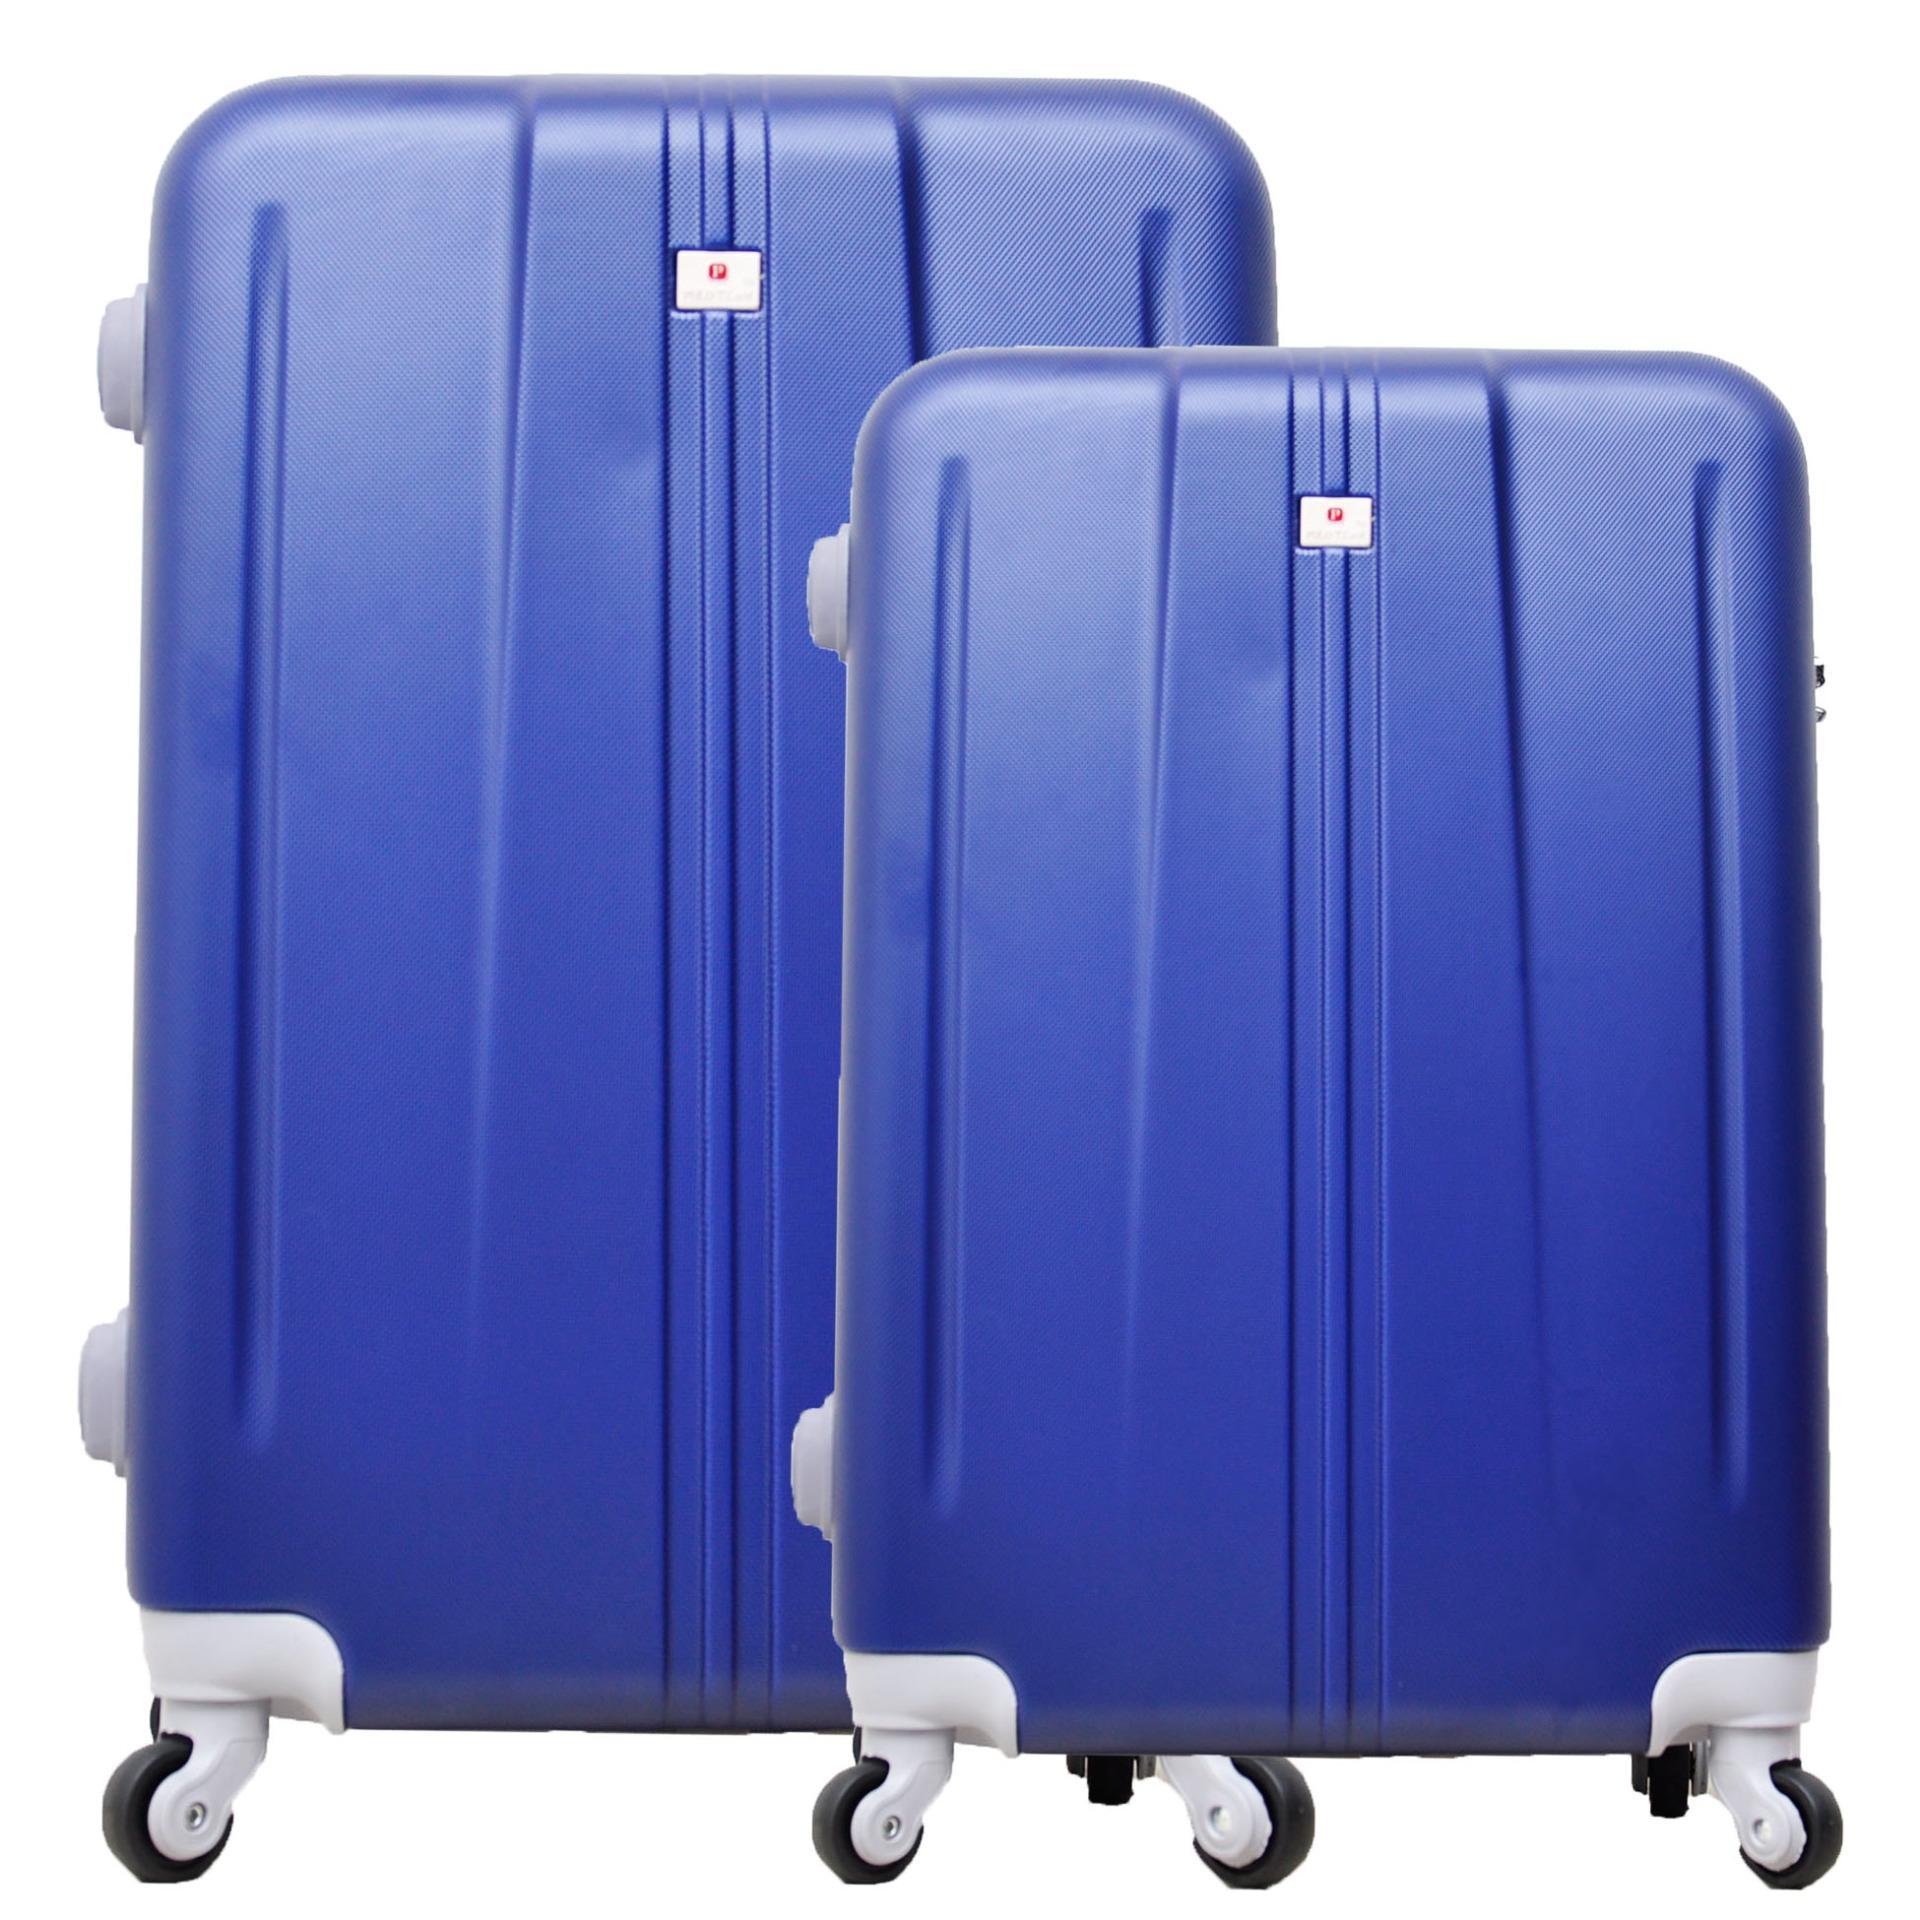 Beli Polo Team Tas Koper Hardcase Set Size 20 24 Inch 003 Biru Tua Lengkap